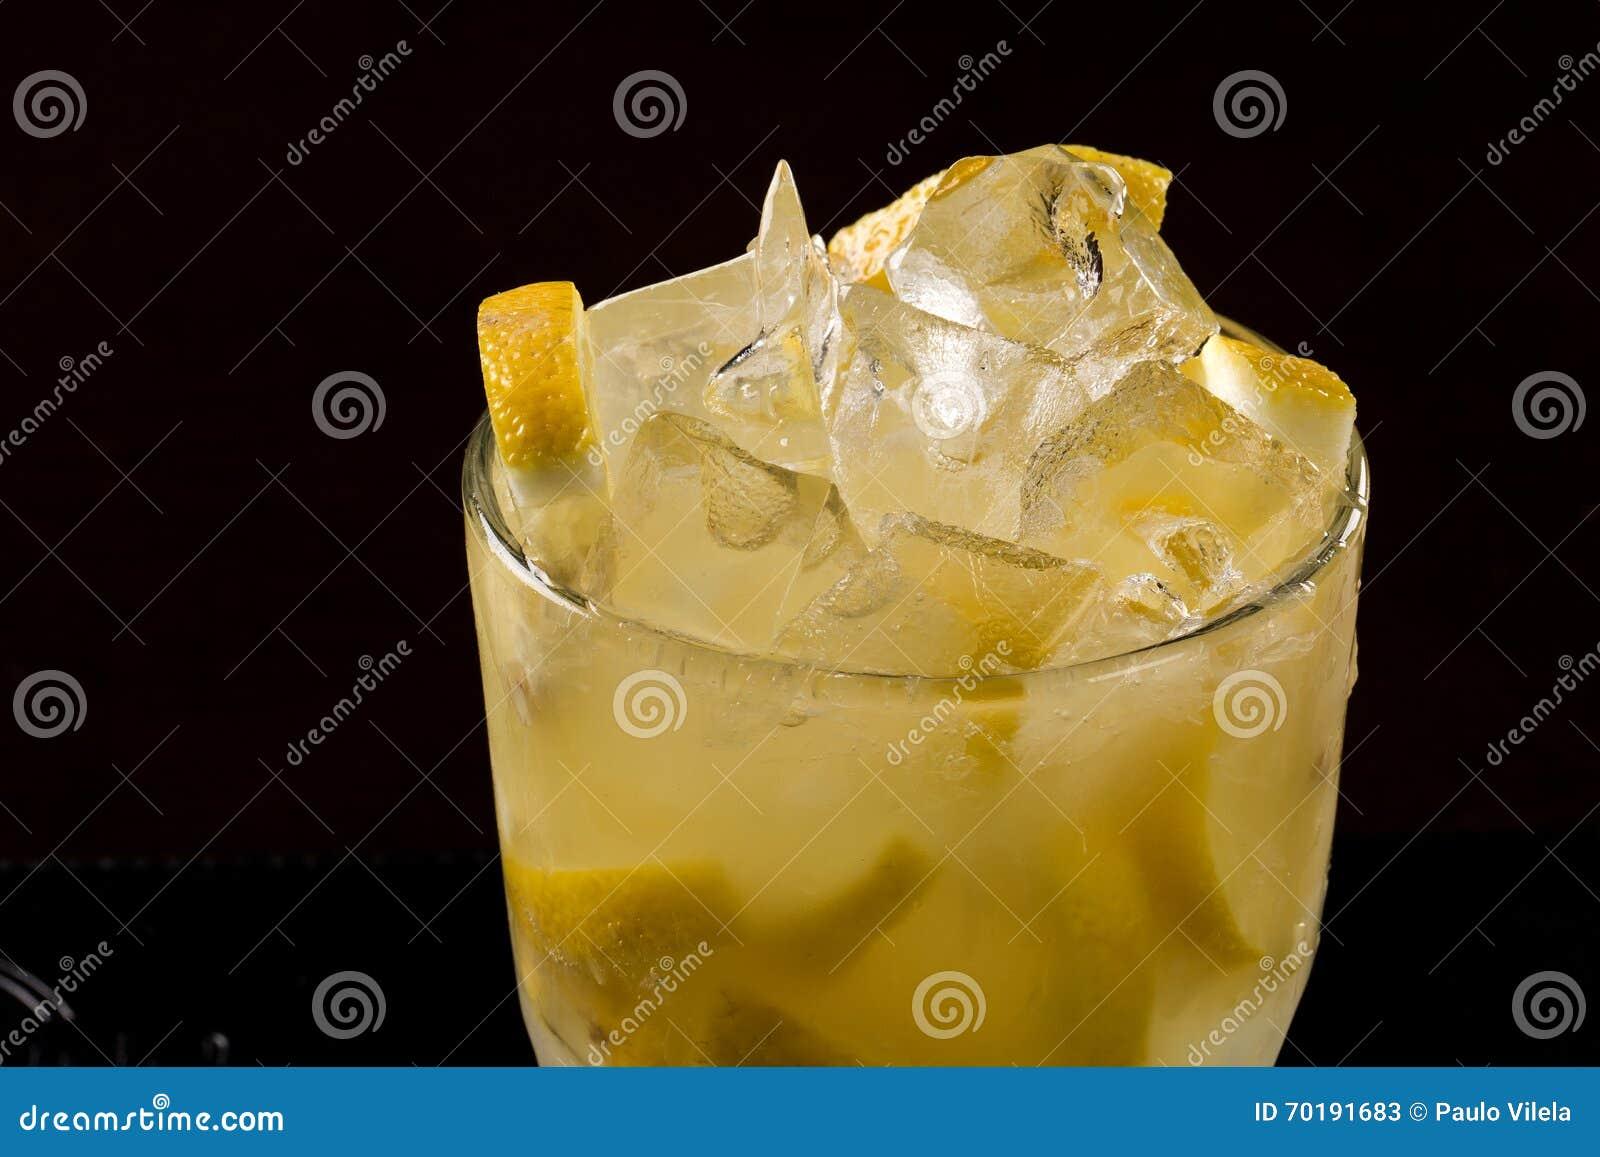 Drinkskott med frukter